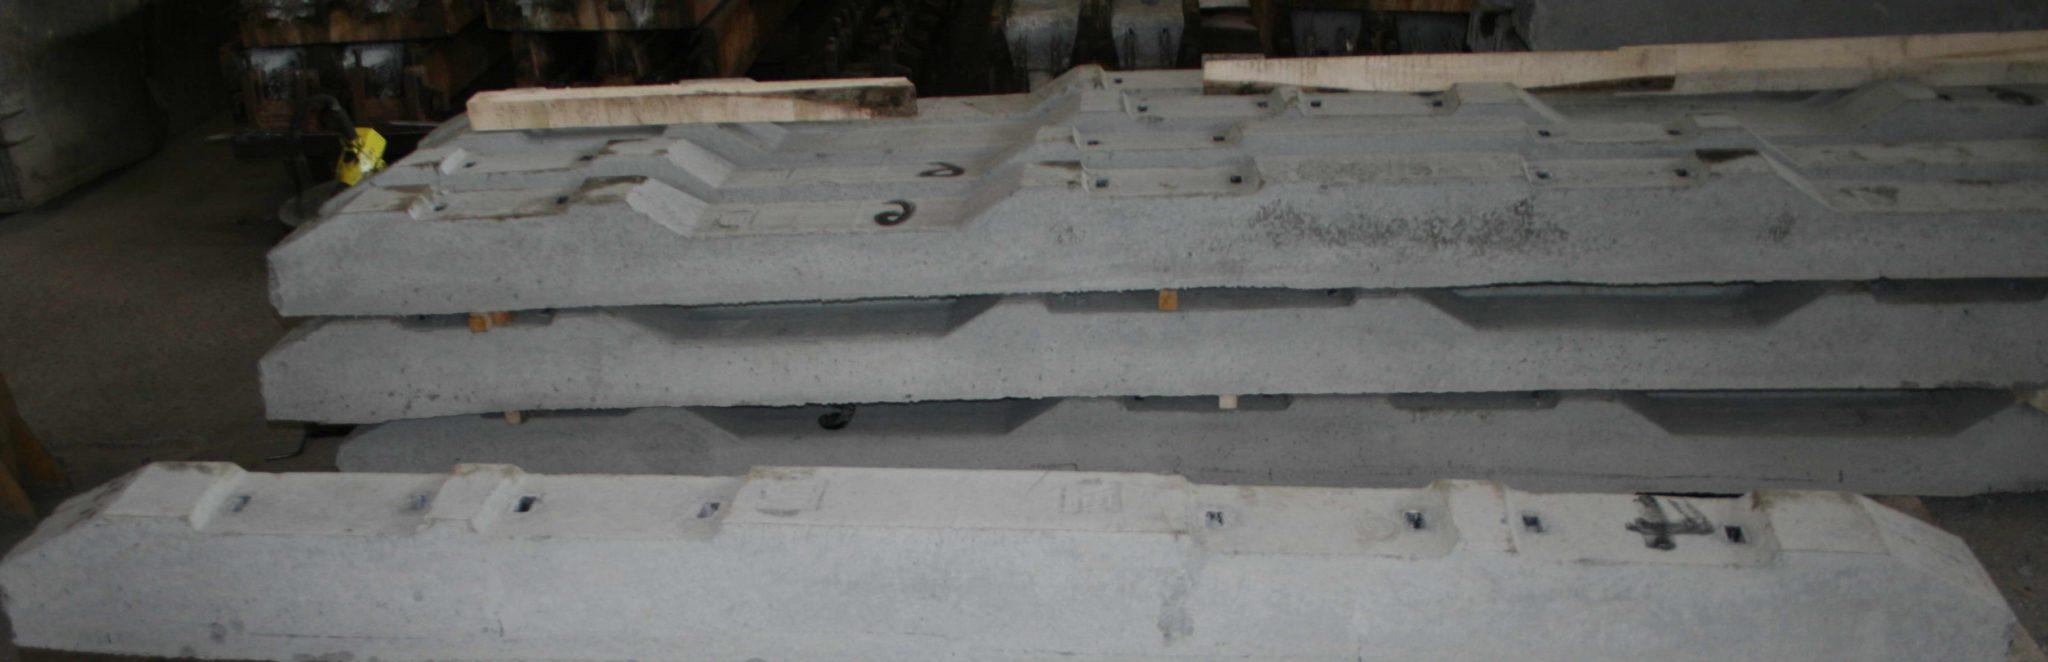 Комплект железобетонных брусьев для проекта 2769